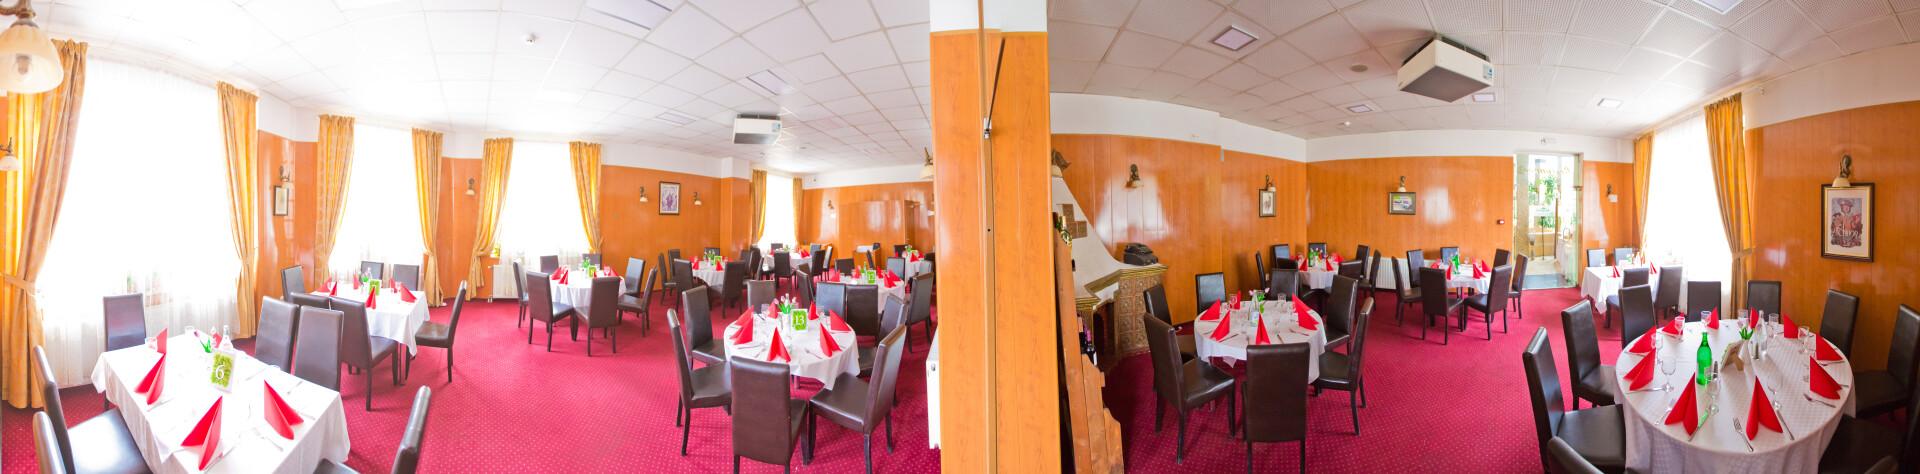 Restaurant - Hotel Piemonte